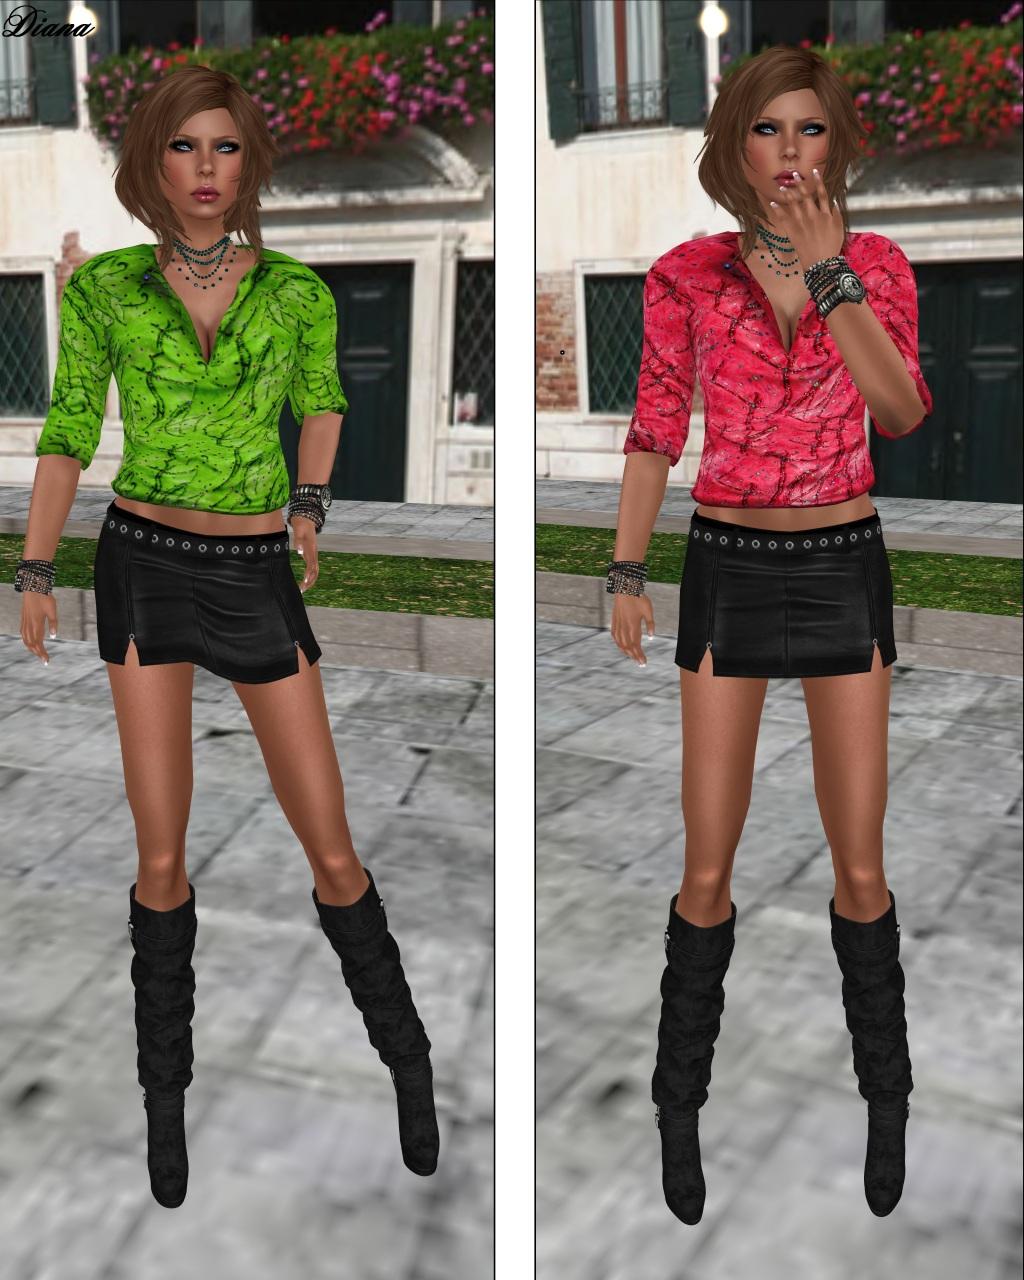 Immerschoen-BodyCult Mesh Shirts Helen green and pink